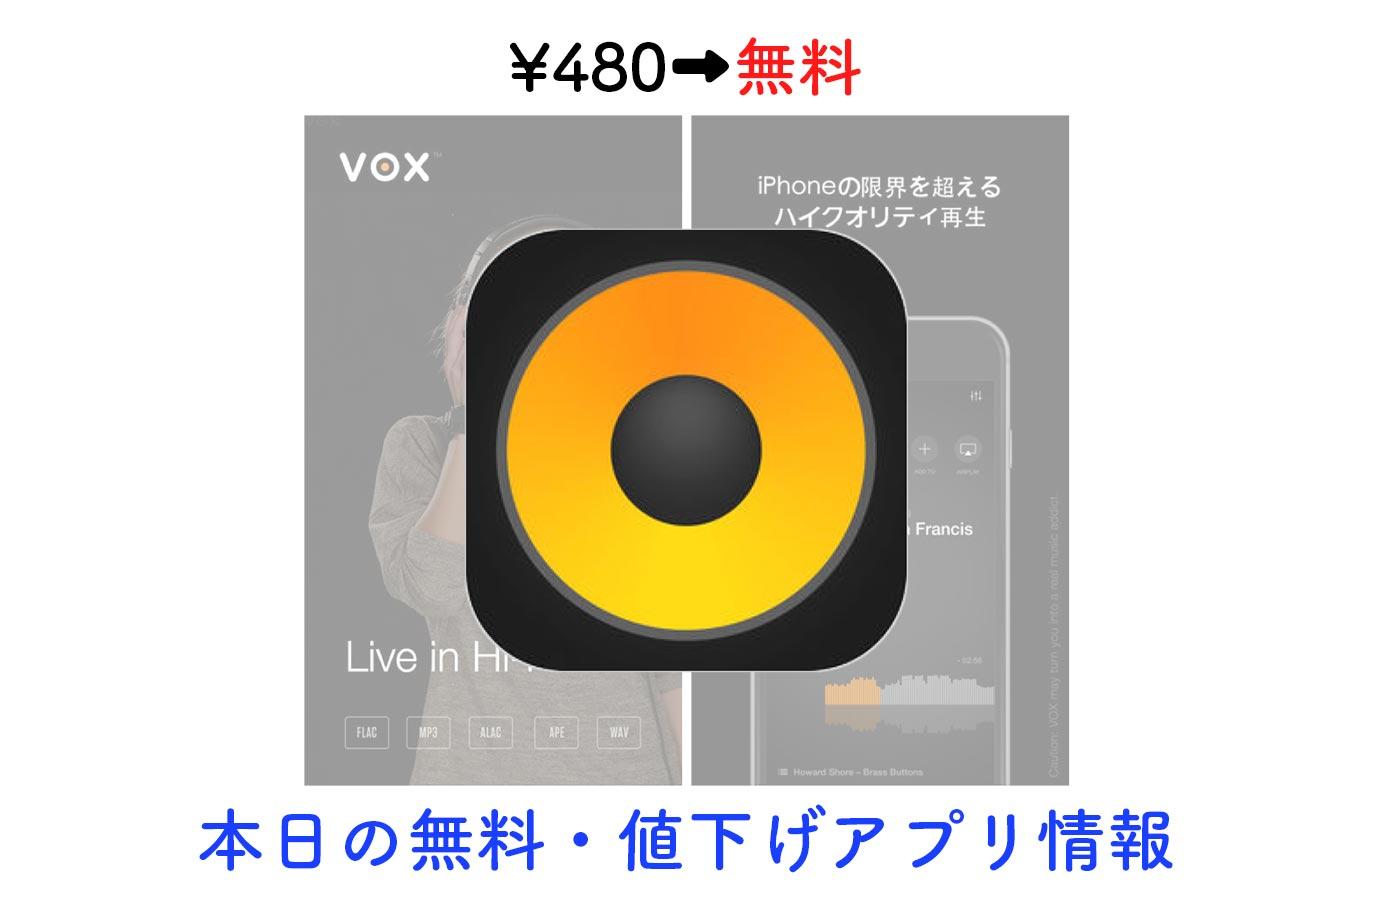 ¥480→無料、ハイレゾ音源にも対応の高音質音楽プレイヤー「VOX」など【11/16】本日の無料・値下げアプリ情報